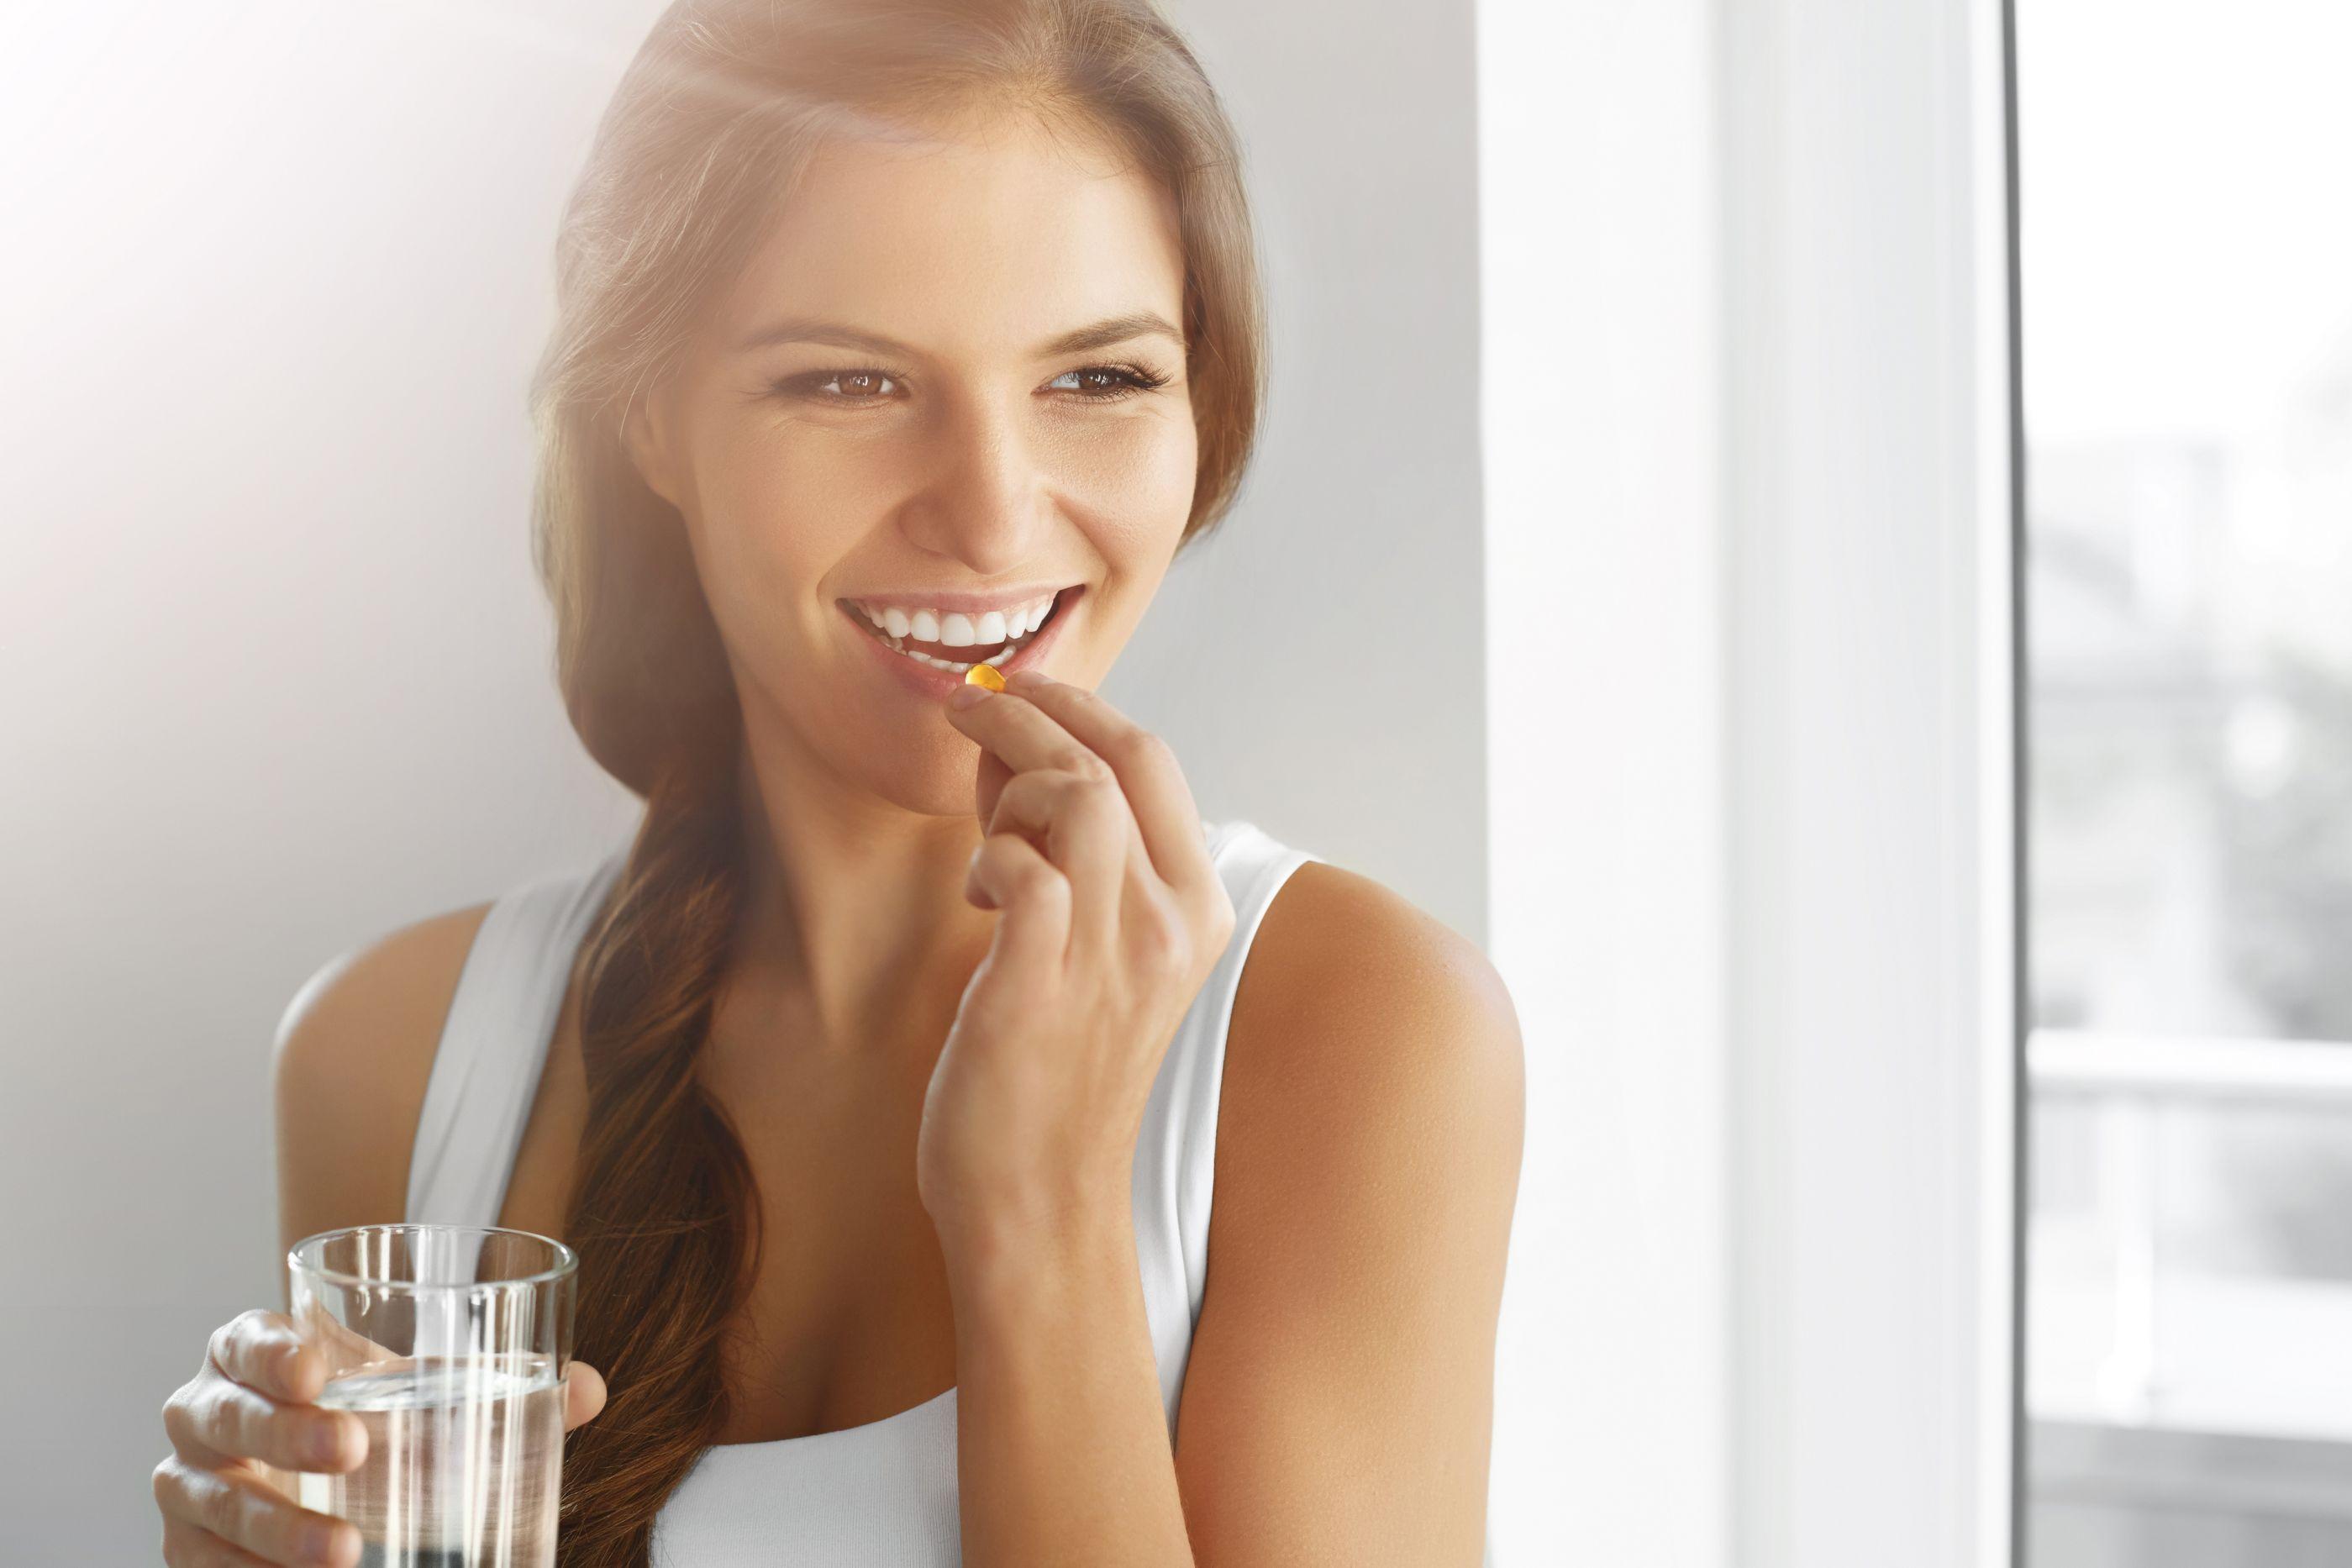 Saiba por que tomar vitamina D sem receita médica pode não ser boa ideia